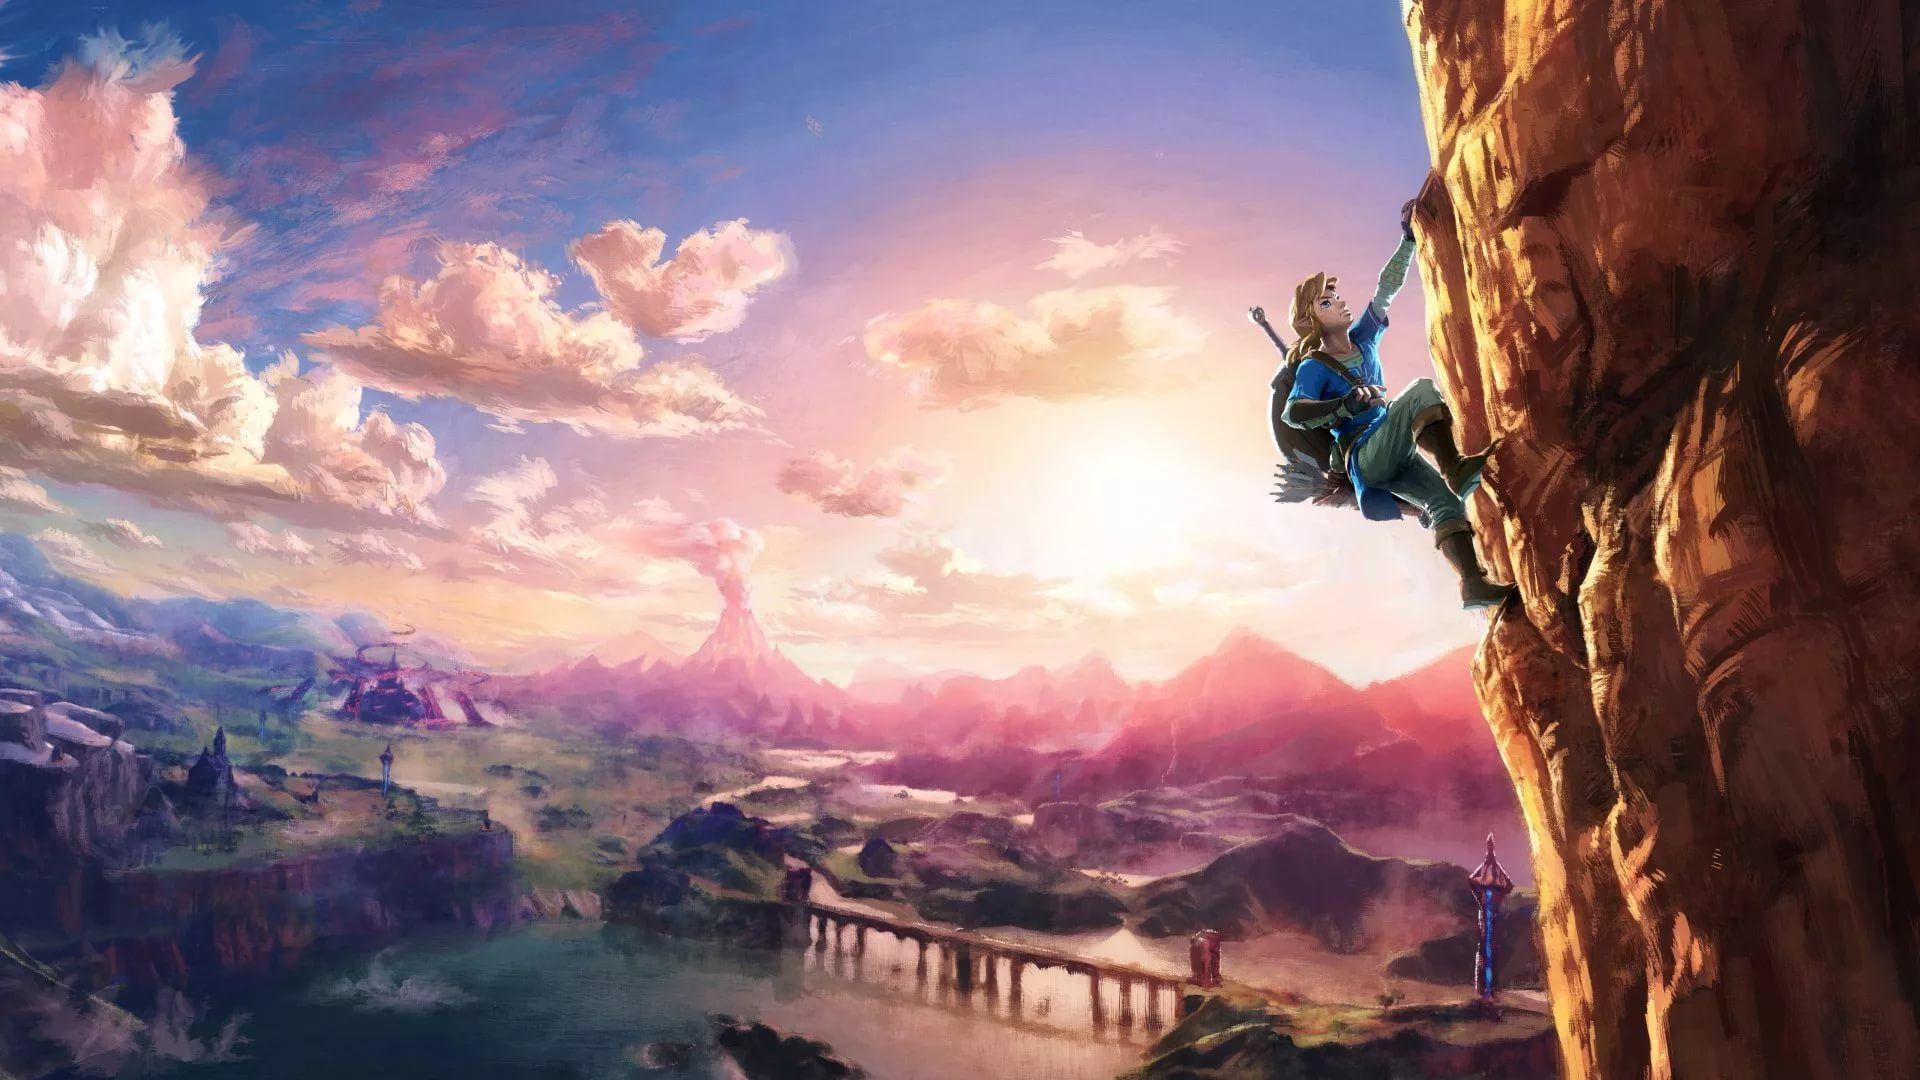 Zelda Live free download wallpaper